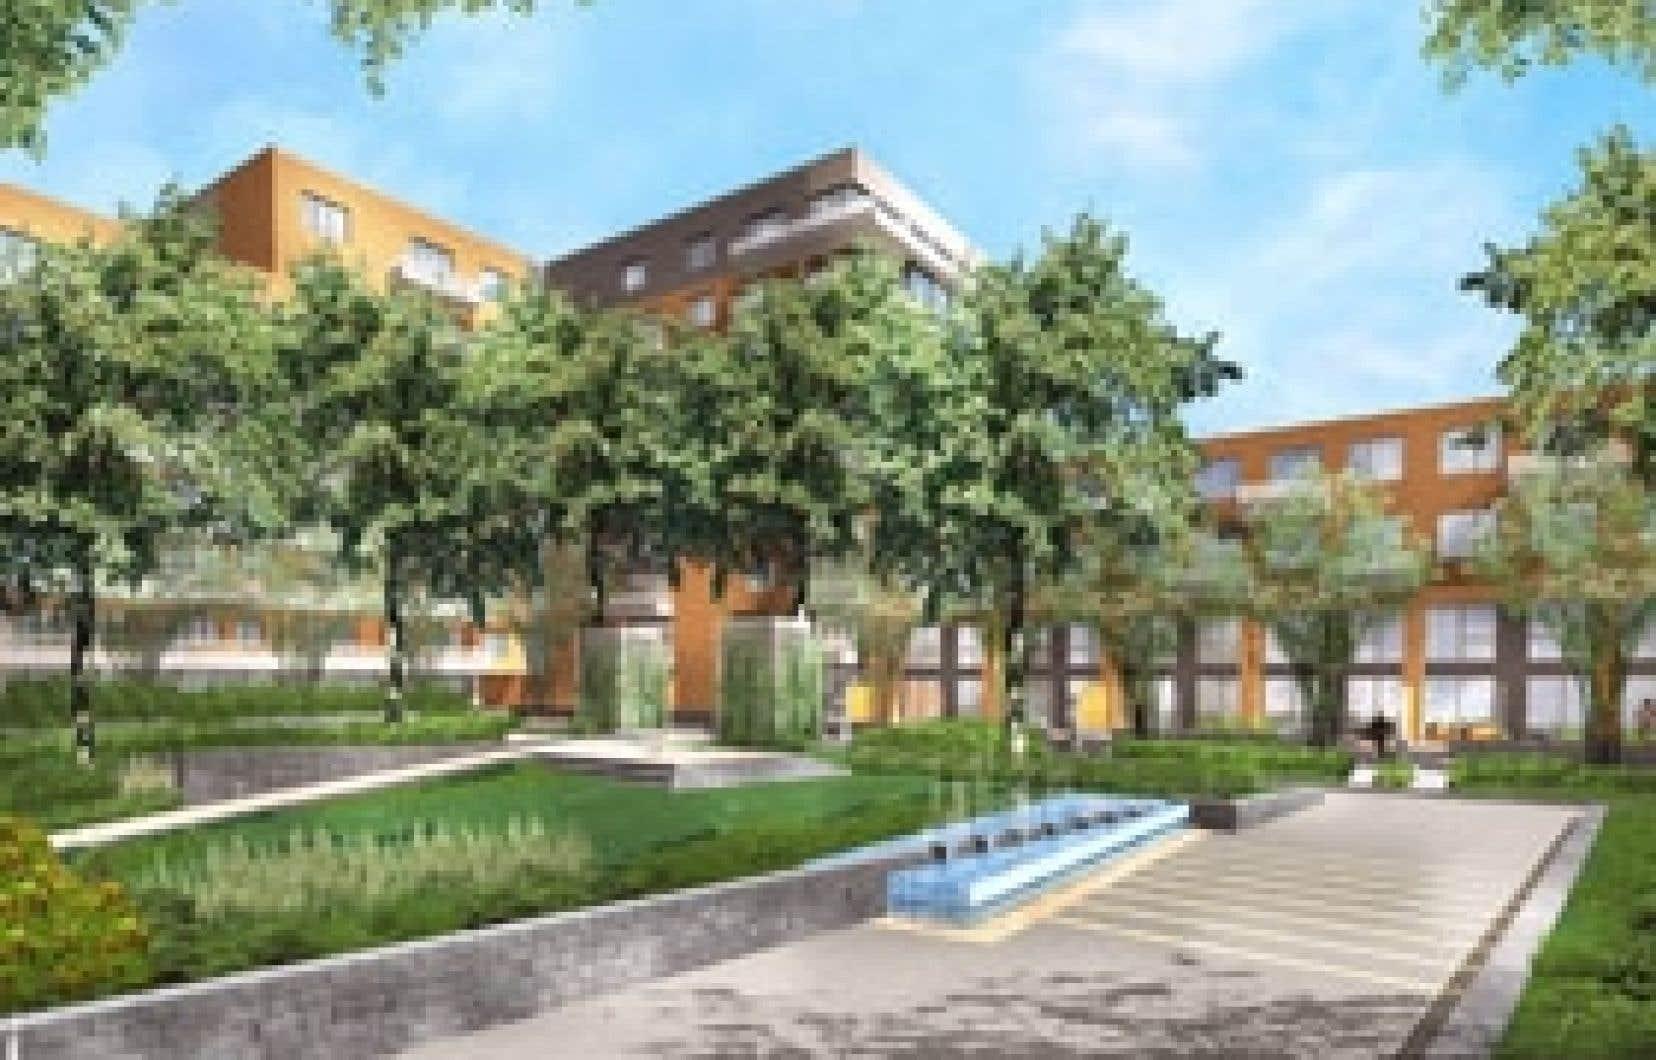 La cour intérieure du projet Solano recèlera un jardin paysager réservé à ses résidants.